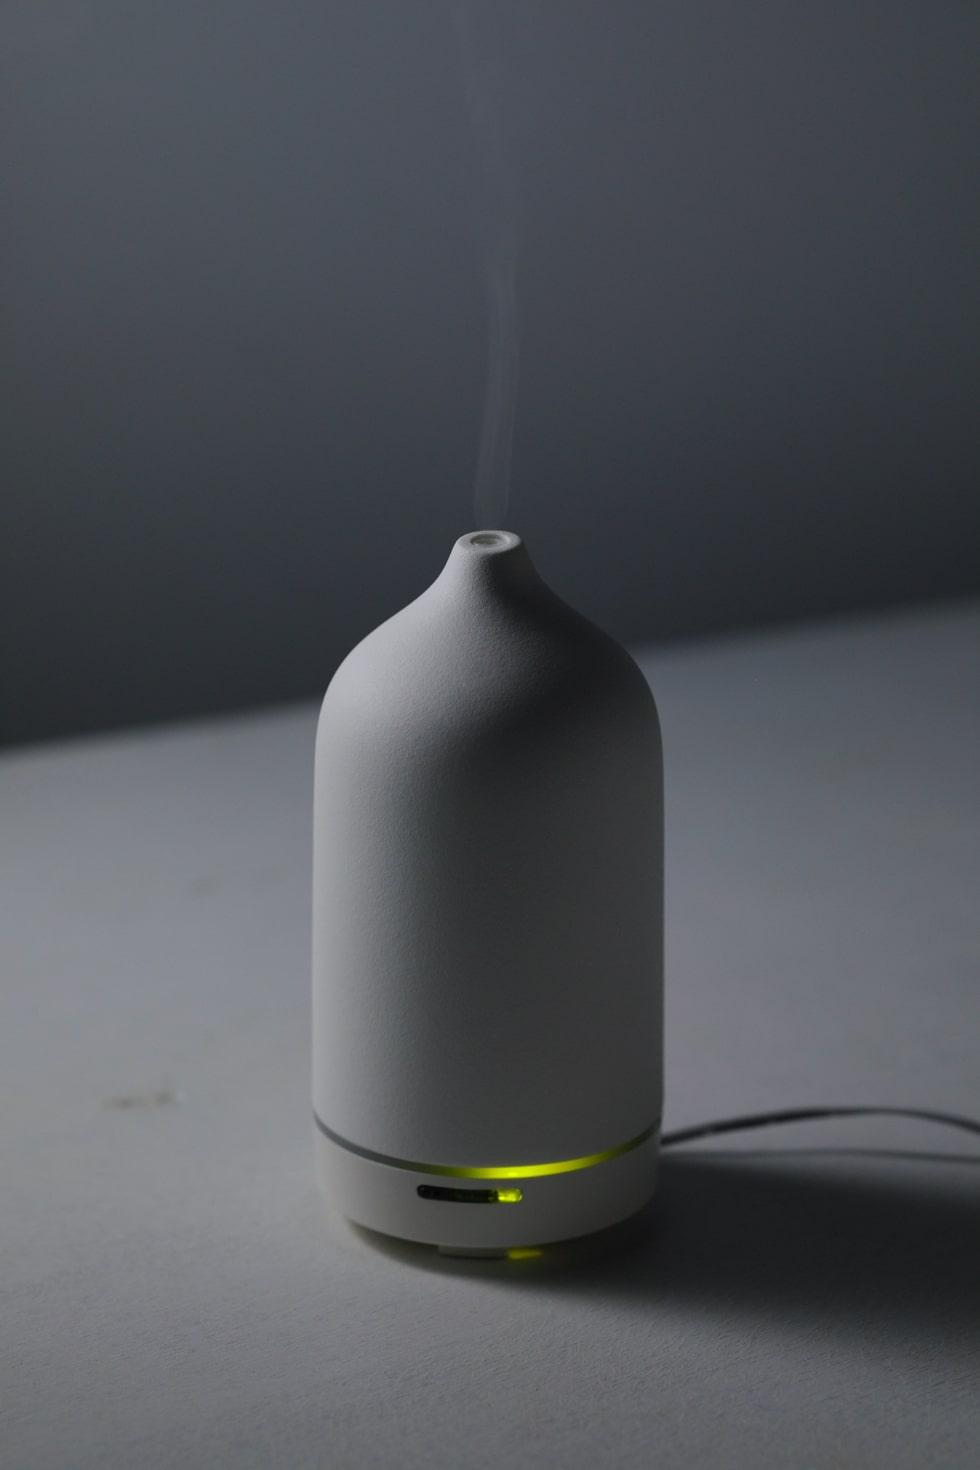 セラミック製アロマディフューザーLagoon(ラグーン) 天然アロマオイル